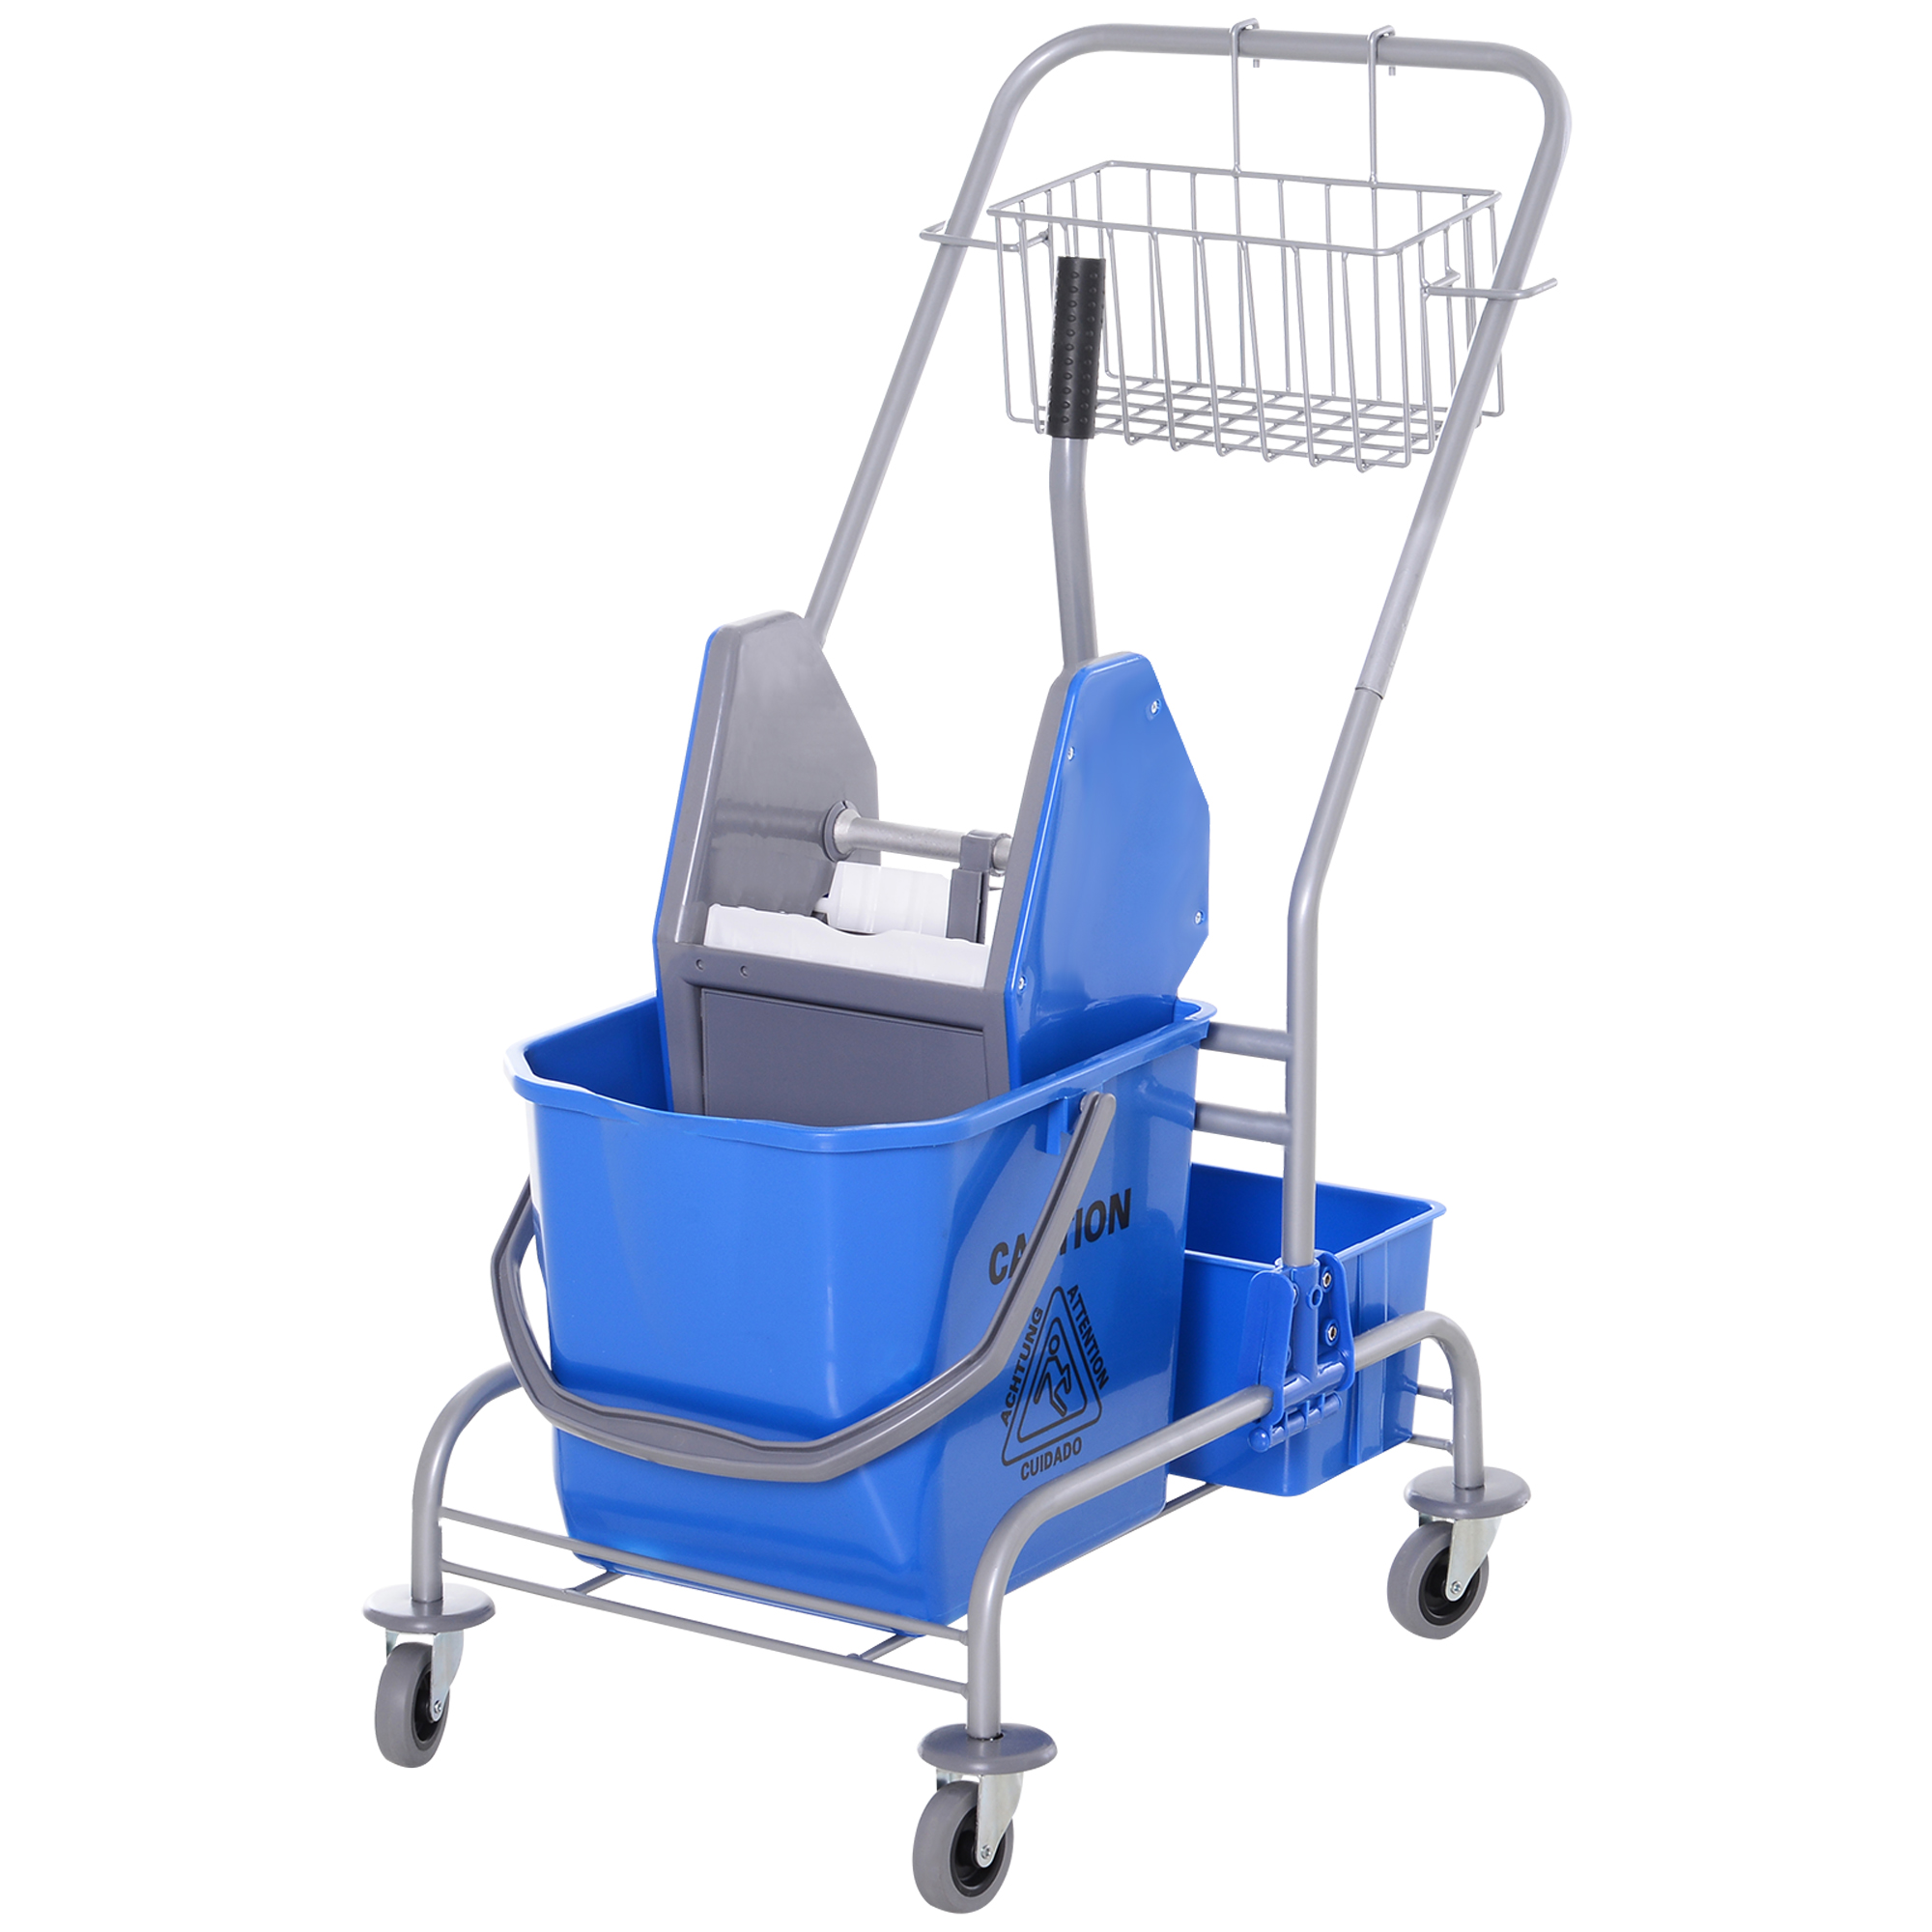 Homcom Carrello delle Pulizie Professionale con Secchio 25L e Strizzatore, Blu